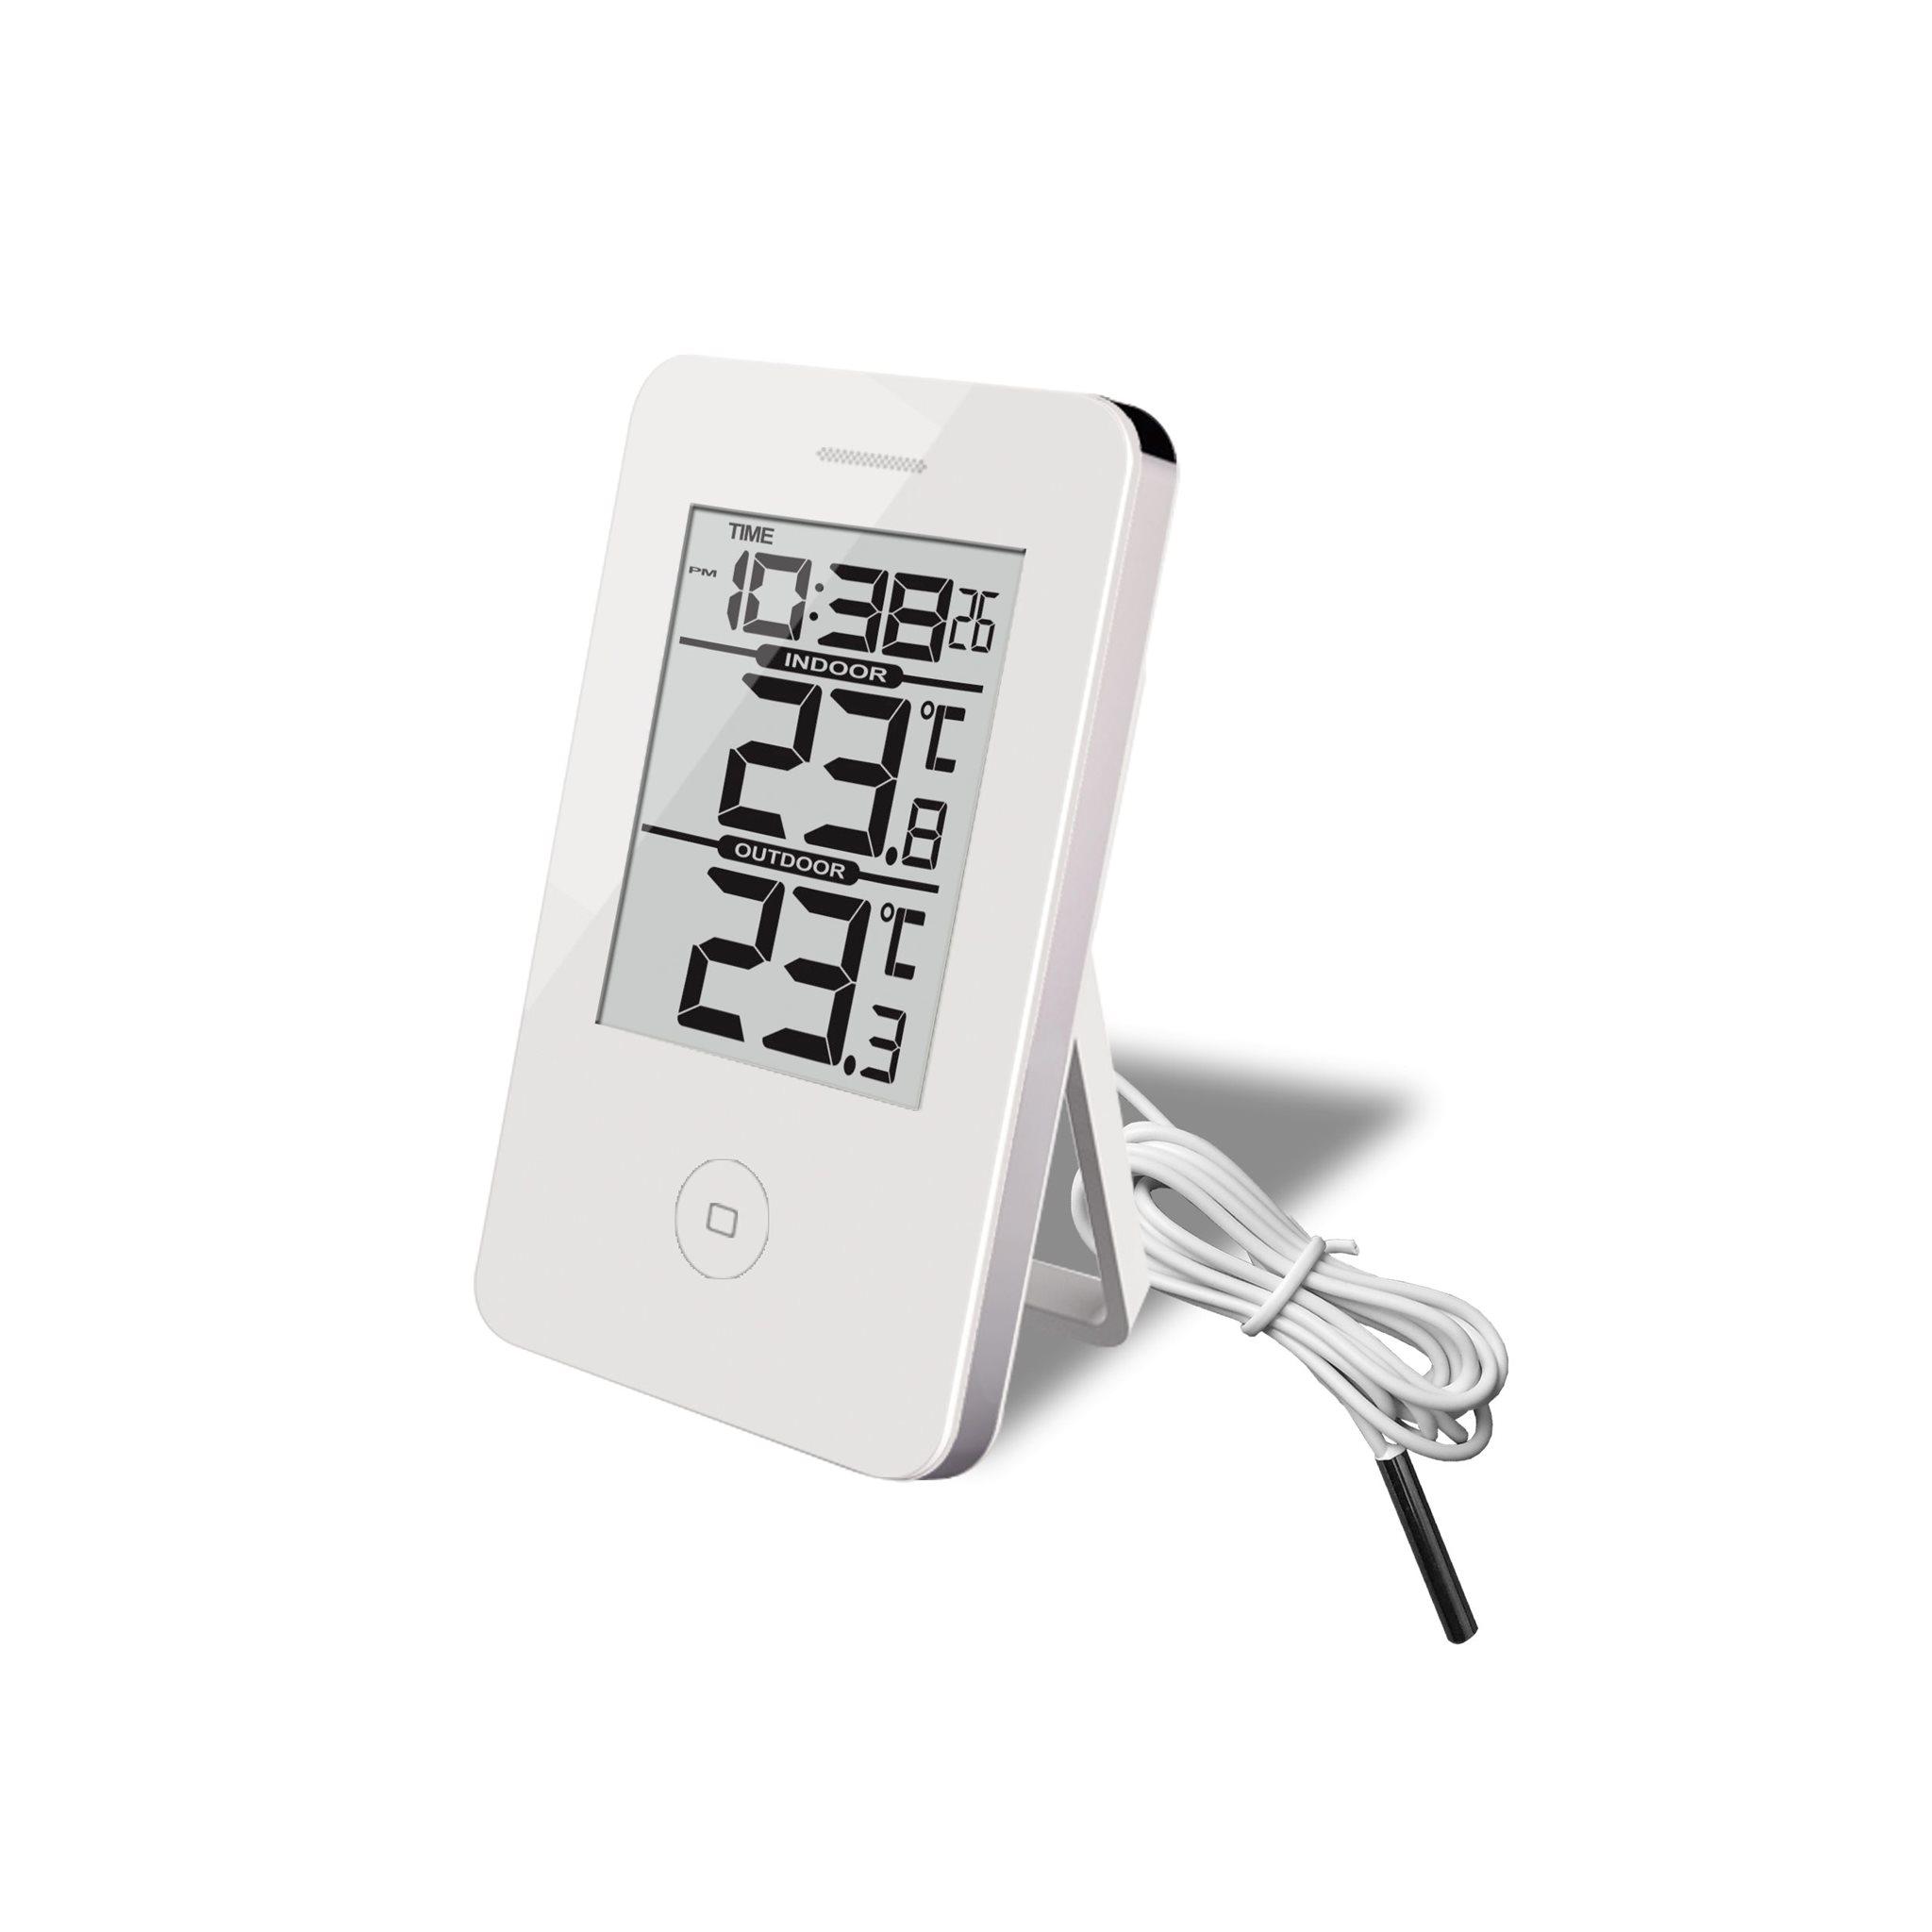 TERMOMETERFABRIKEN Termometer .. (342098663) ᐈ digitalwarehouse på ... 4d86ddfb6e48d